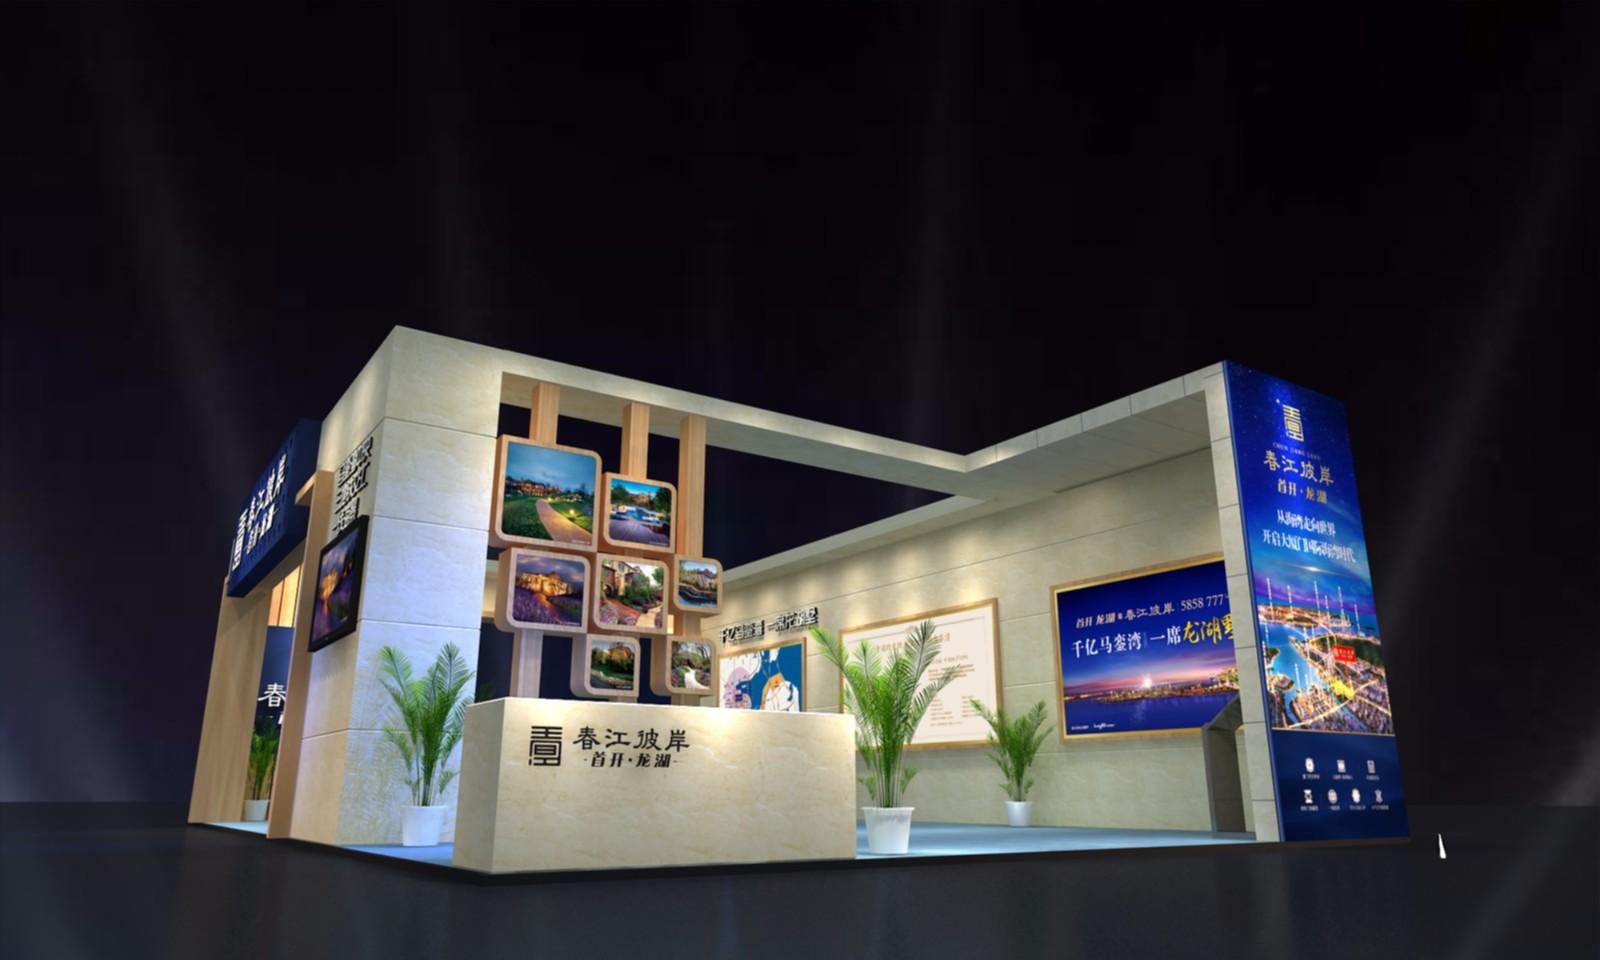 首開 龍湖2016春季房車交易會|展覽特裝-廈門市嘉維世紀會展服務有限公司